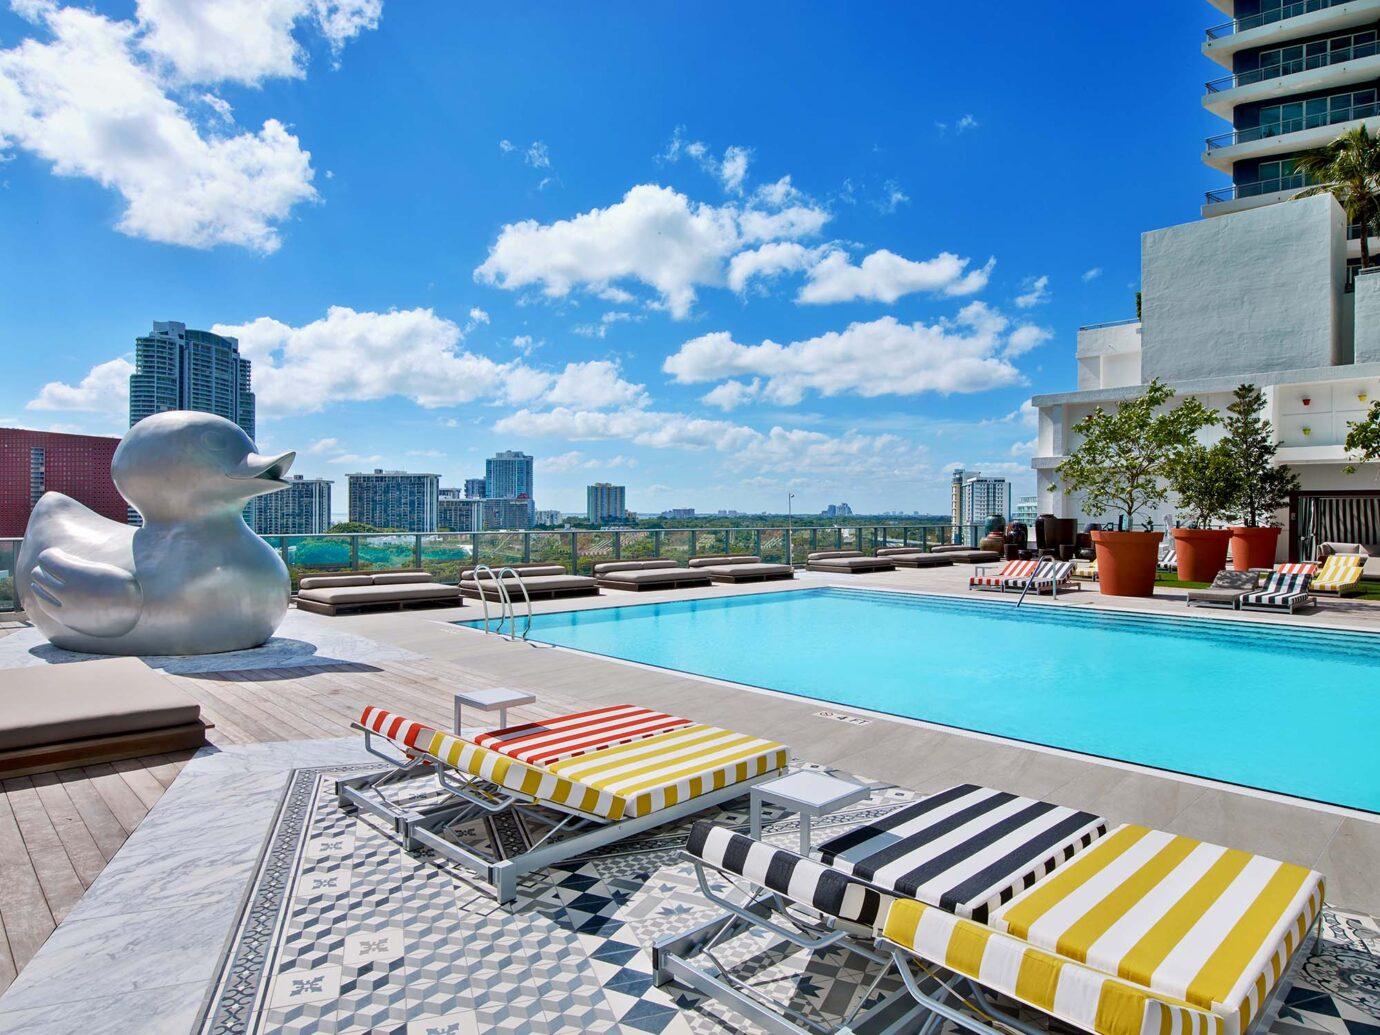 Pool at SLS Brickell, Miami, FL